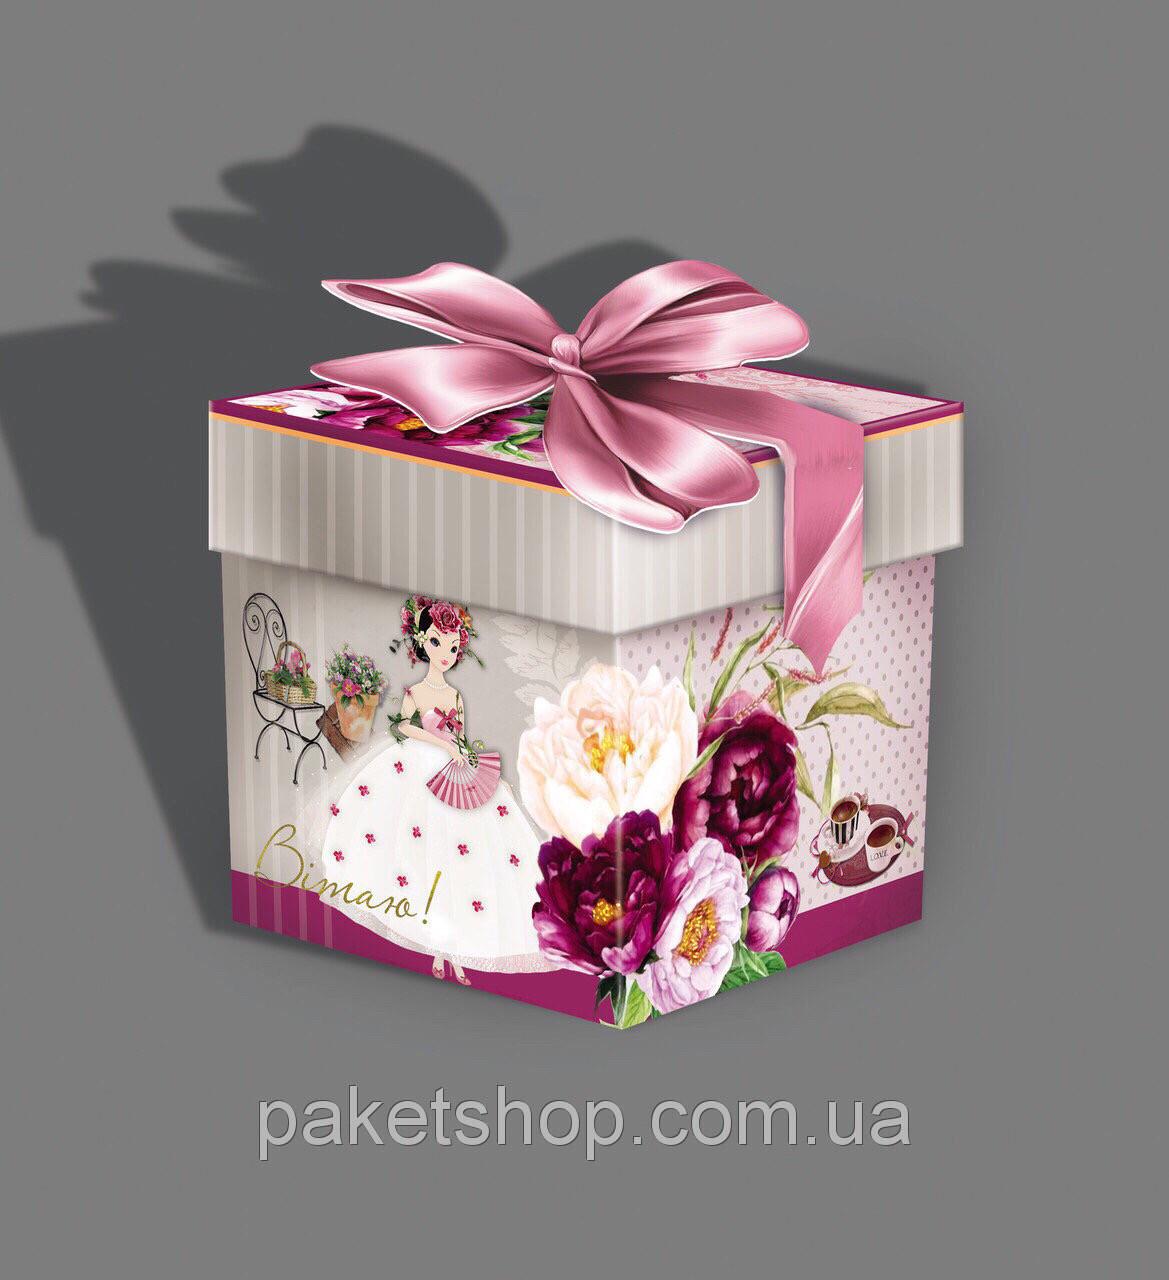 Подарочная бумажная коробка Кубик 10,5*9,5 см Девочка 300 грамм